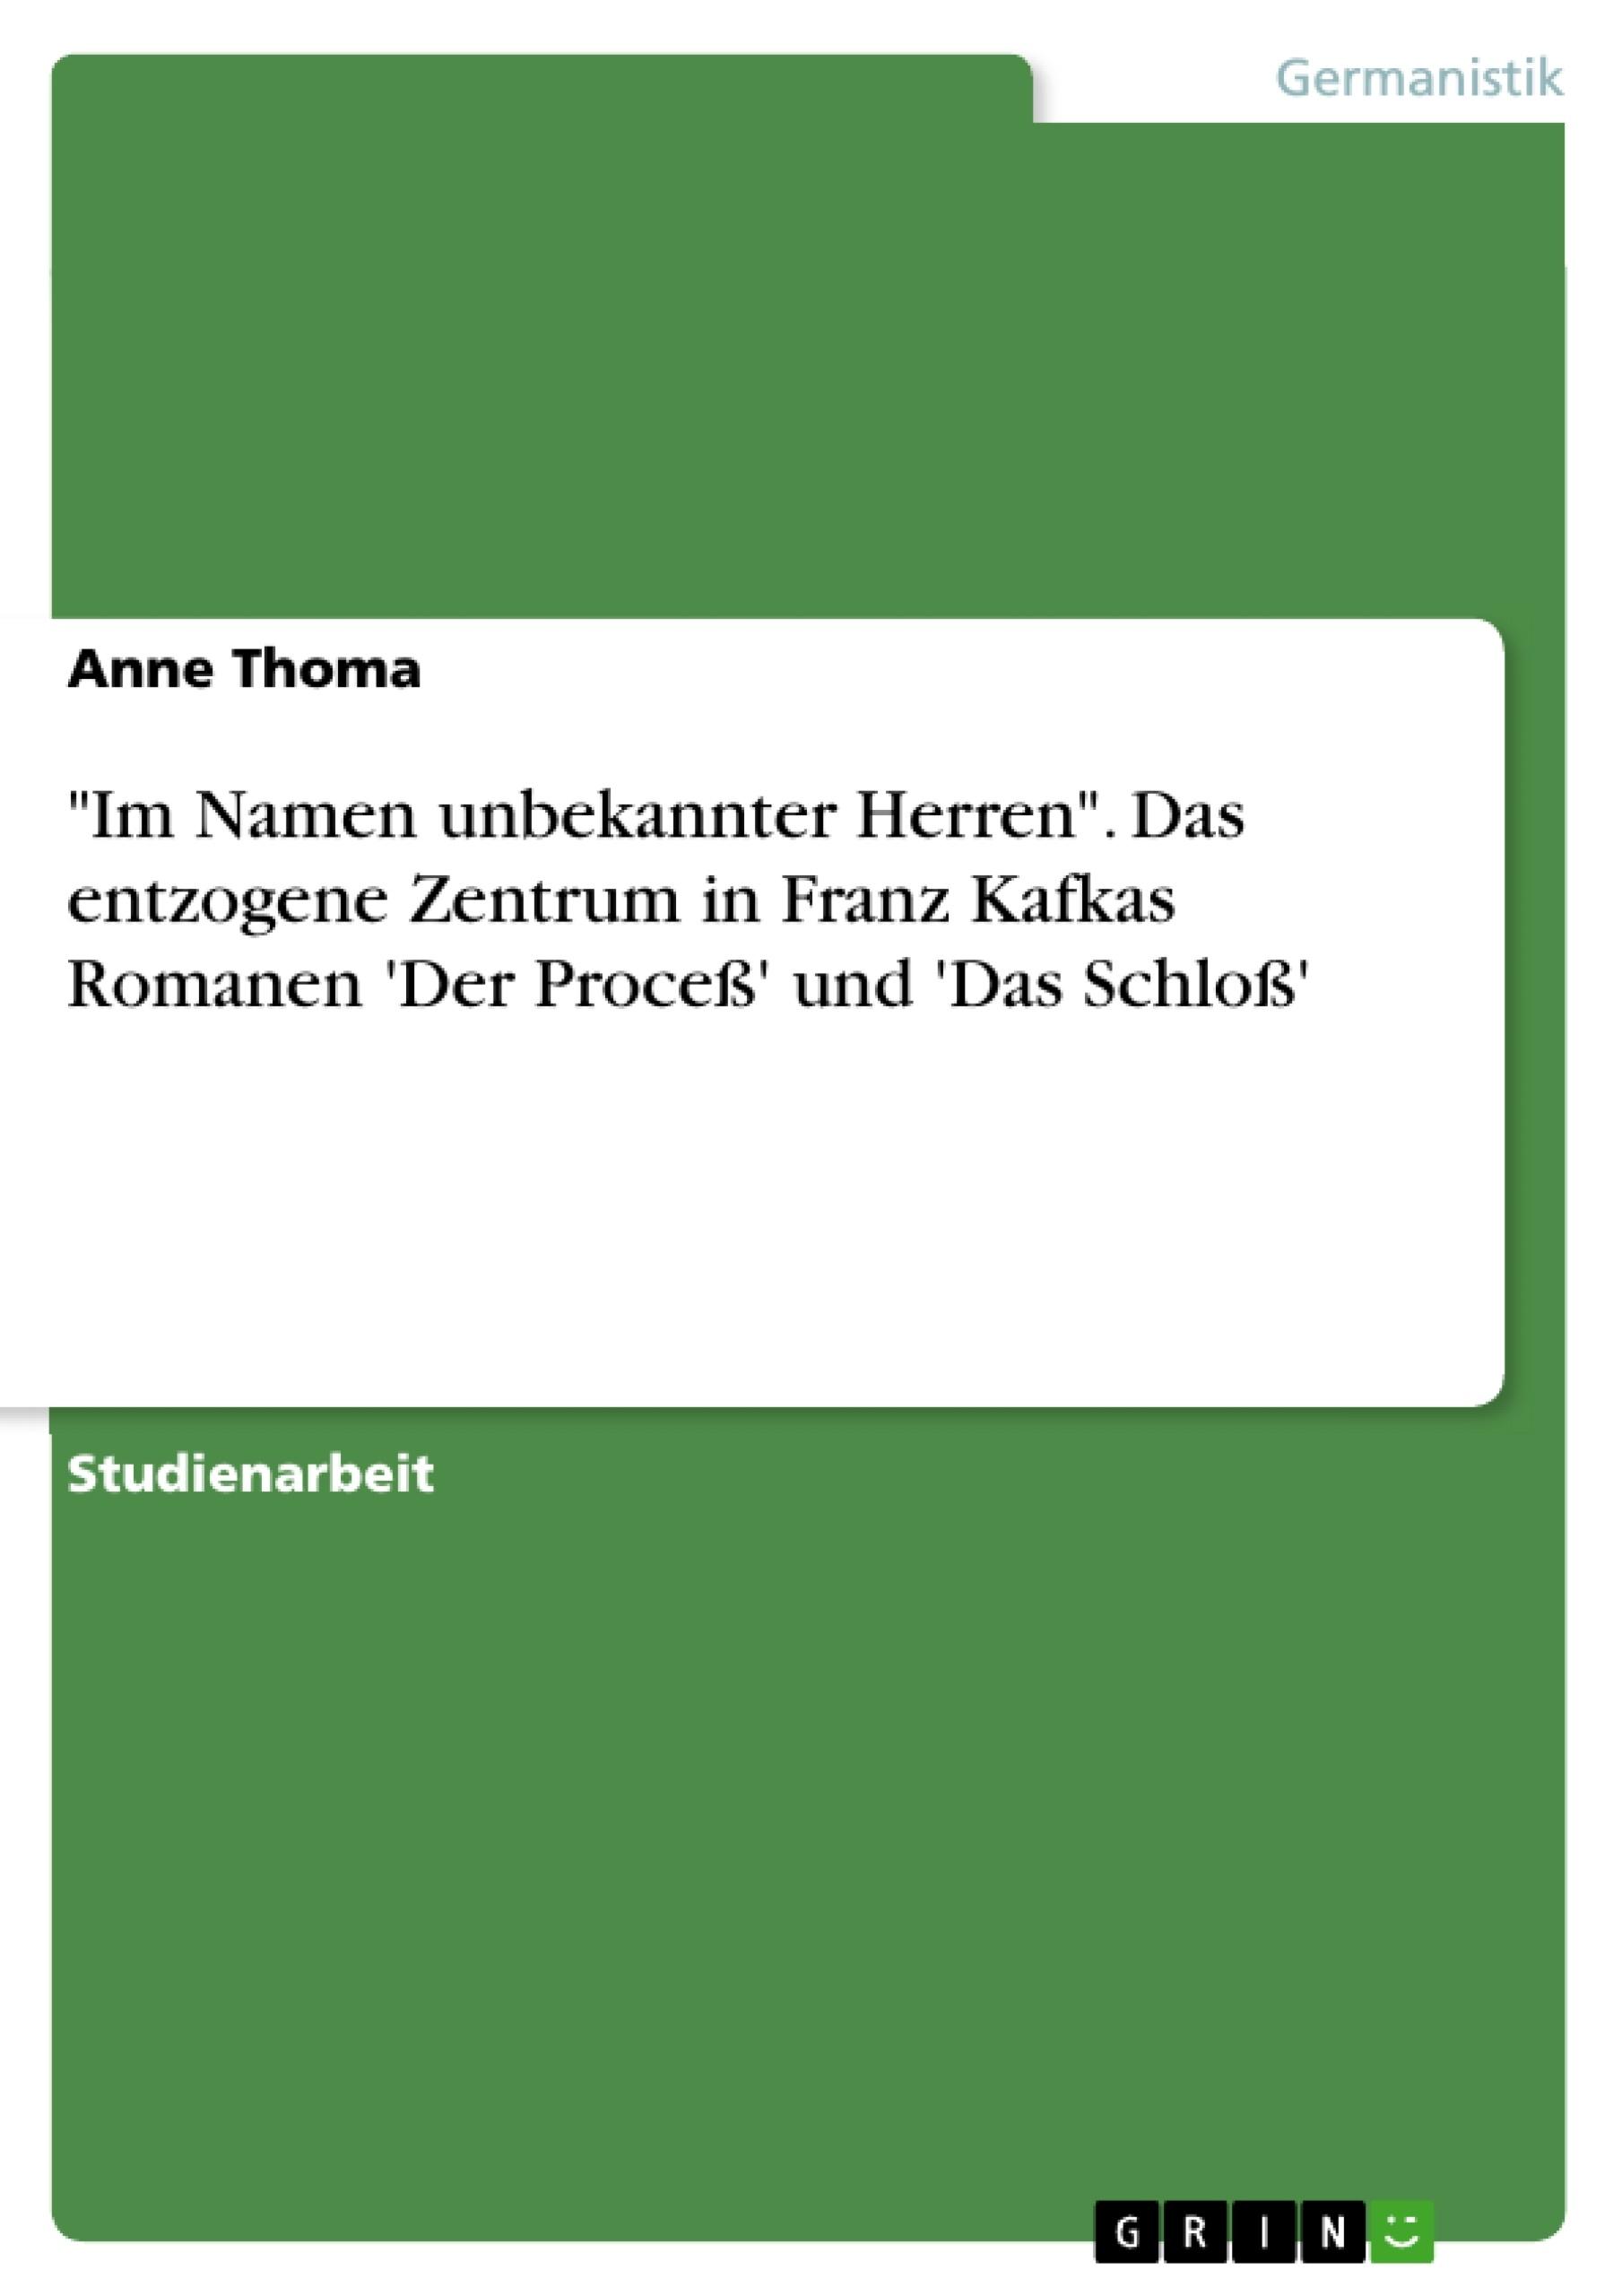 """Titel: """"Im Namen unbekannter Herren"""". Das entzogene Zentrum in Franz Kafkas Romanen 'Der Proceß' und 'Das Schloß'"""